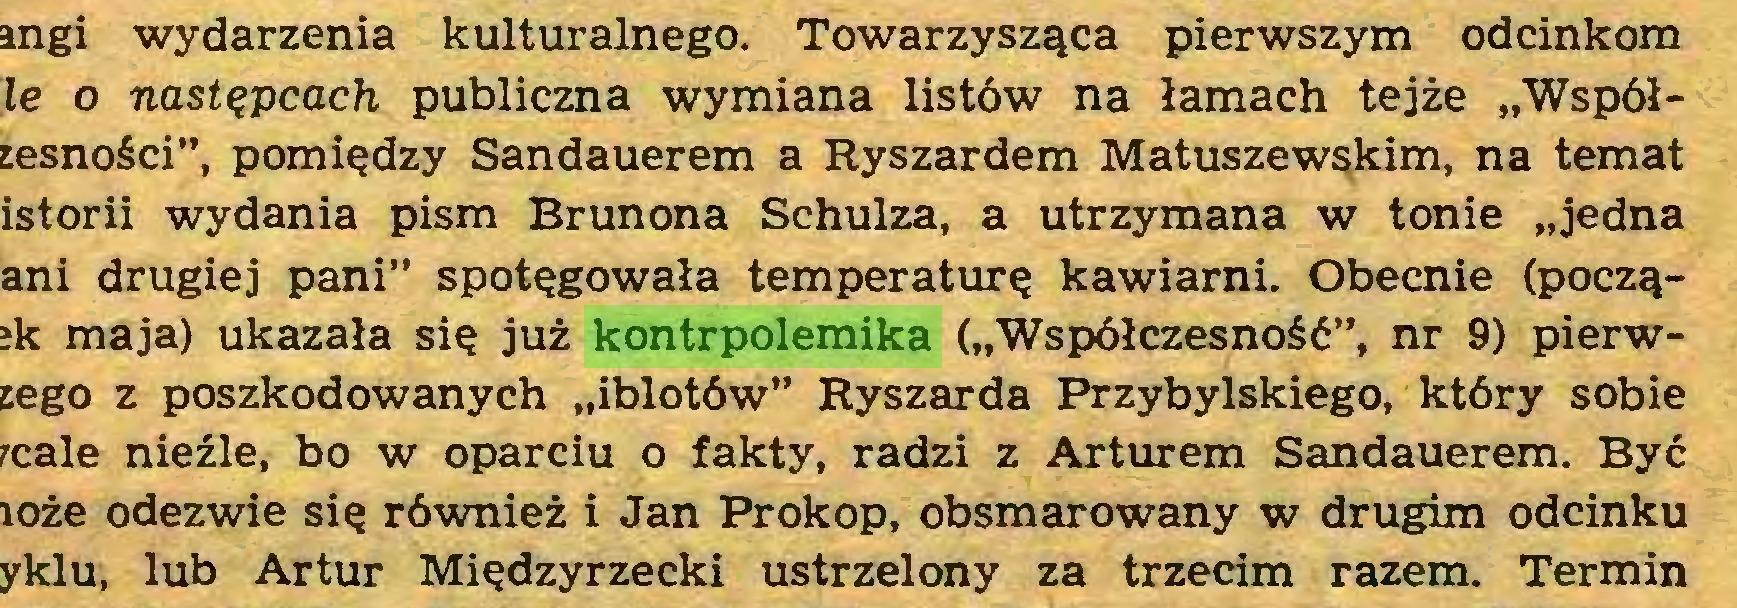 """(...) angi wydarzenia kulturalnego. Towarzysząca pierwszym odcinkom le o następcach publiczna wymiana listów na łamach tejże """"Współrnsności"""", pomiędzy Sandauerem a Ryszardem Matuszewskim, na temat istorii wydania pism Brunona Schulza, a utrzymana w tonie """"jedna ani drugiej pani"""" spotęgowała temperaturę kawiarni. Obecnie (począ?k maja) ukazała się już kontrpolemika (""""Współczesność"""", nr 9) pierwsego z poszkodowanych """"iblotów"""" Ryszarda Przybylskiego, który sobie rcale nieźle, bo w oparciu o fakty, radzi z Arturem Sandauerem. Być loże odezwie się również i Jan Prokop, obsmarowany w drugim odcinku yklu, lub Artur Międzyrzecki ustrzelony za trzecim razem. Termin..."""